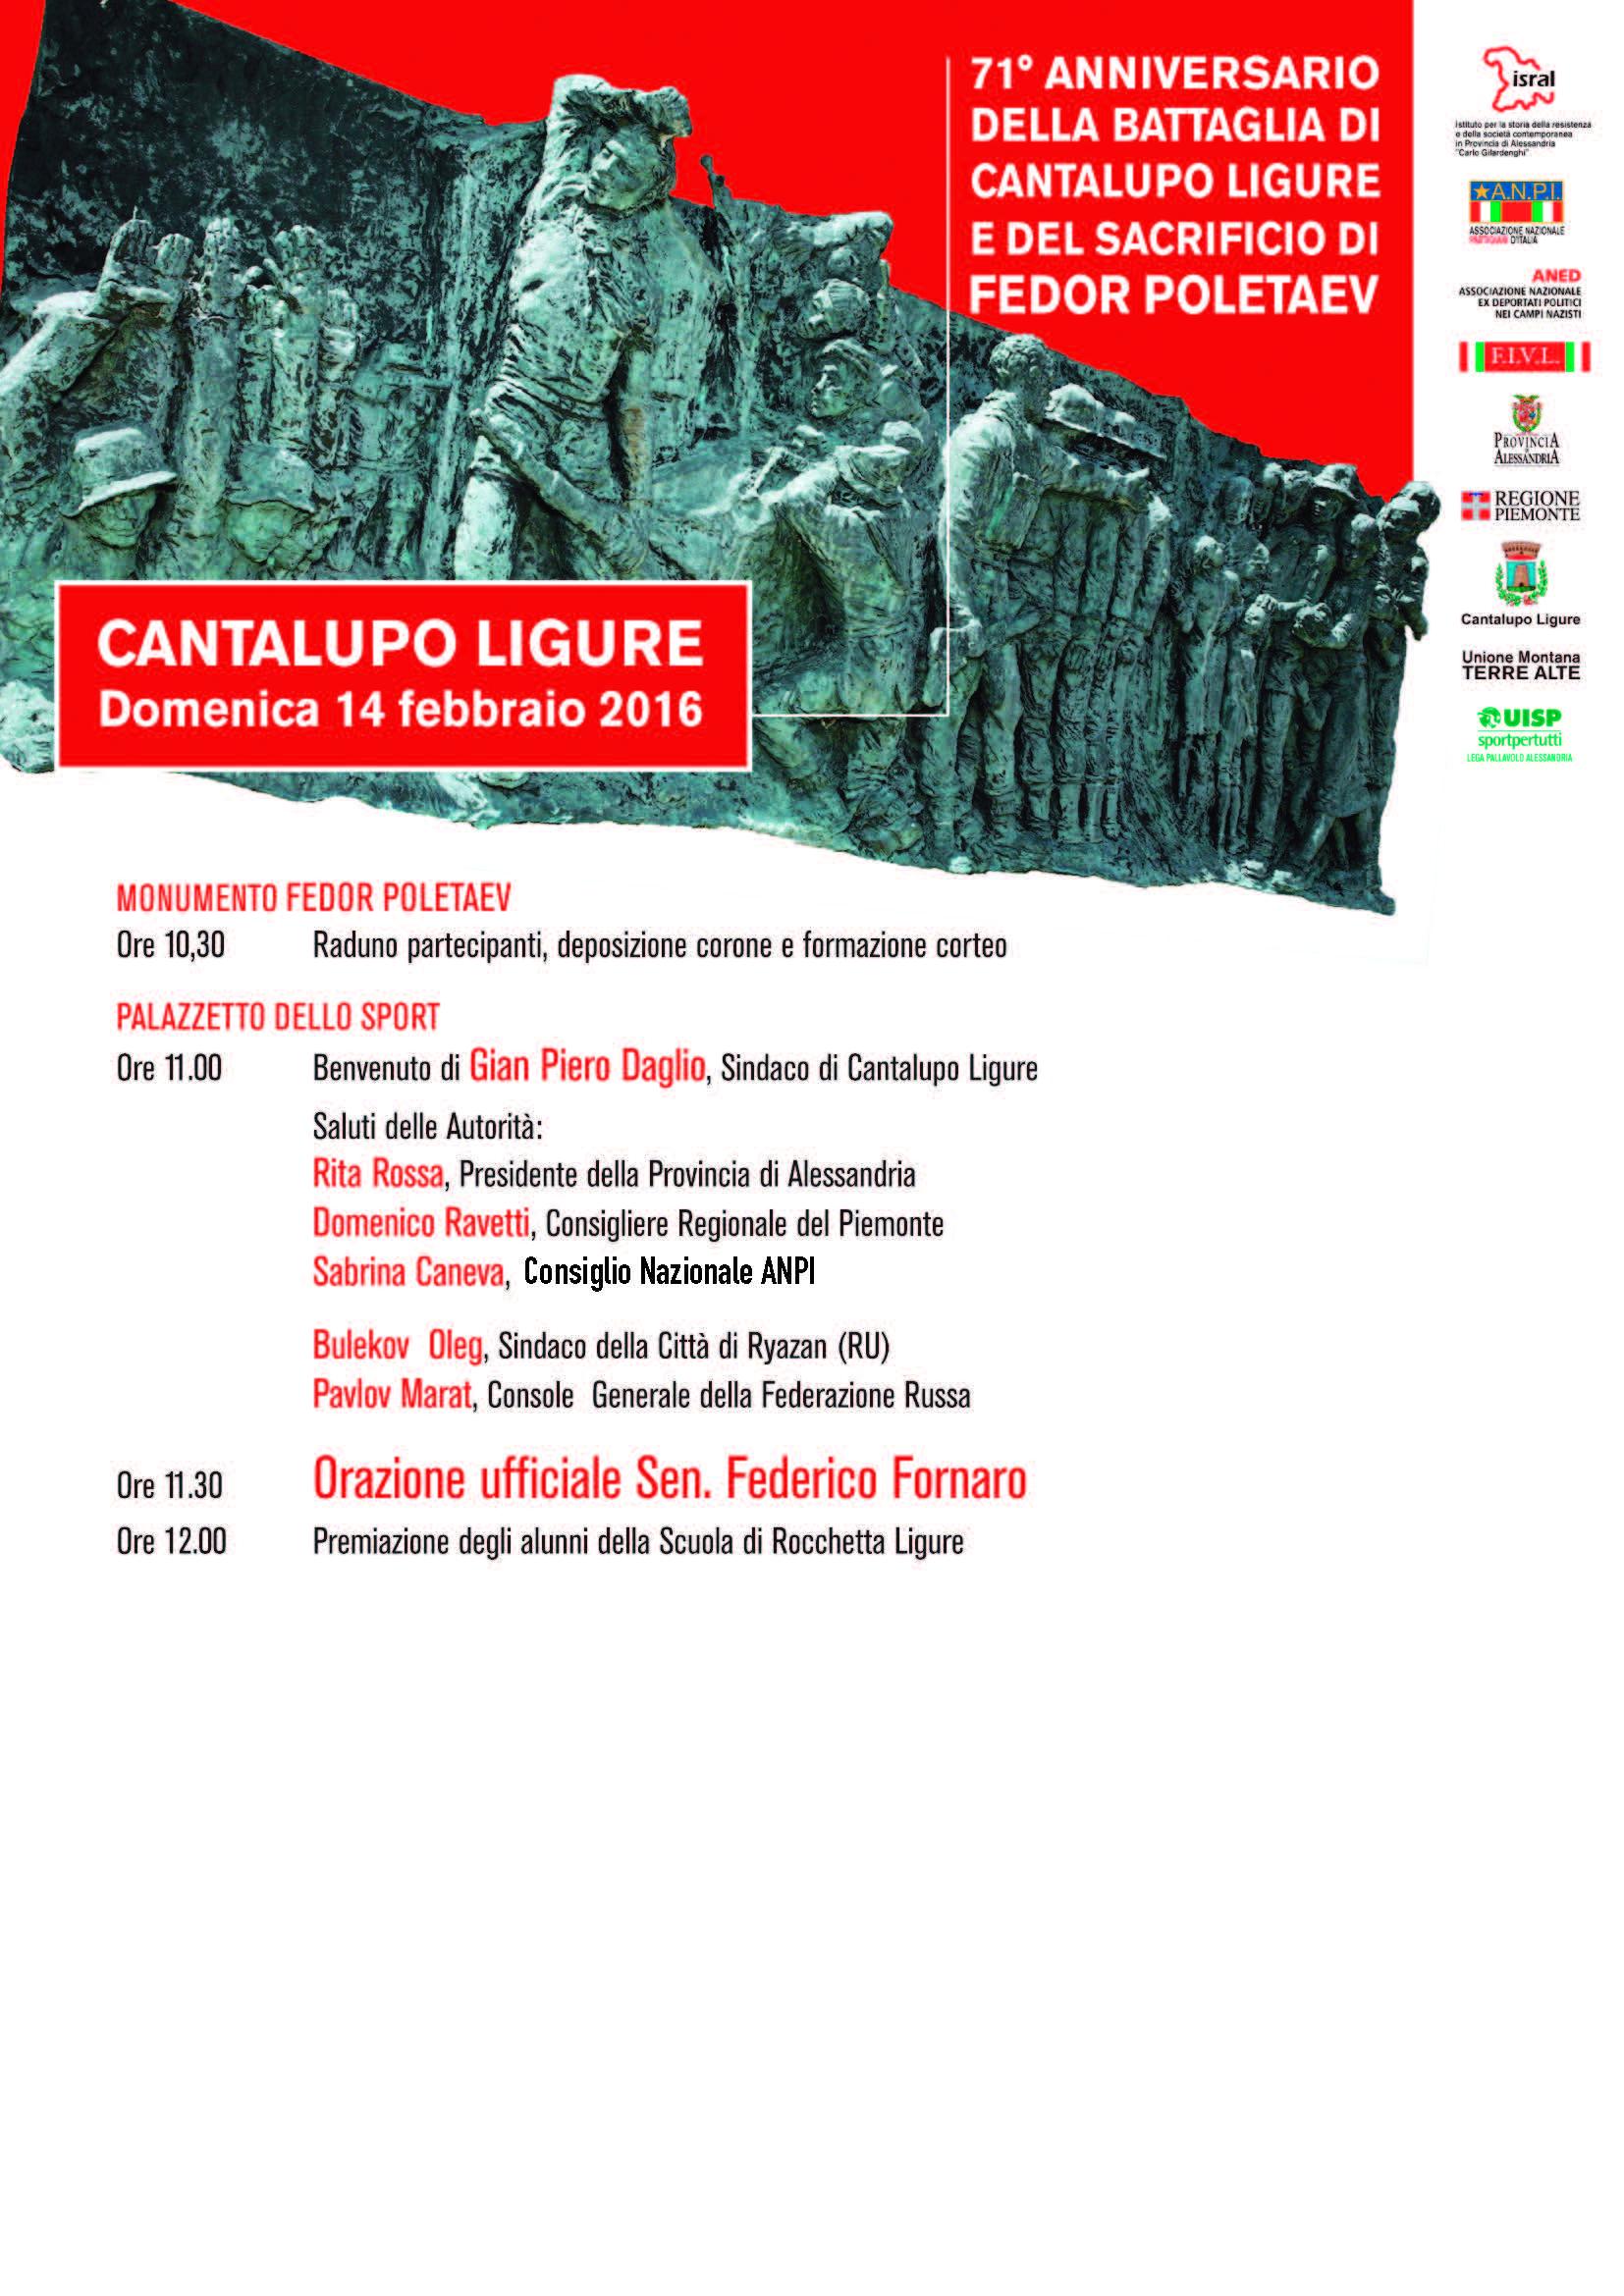 71° anniversario della battaglia di Cantalupo Ligure  – domenica 14 febbraio 2016